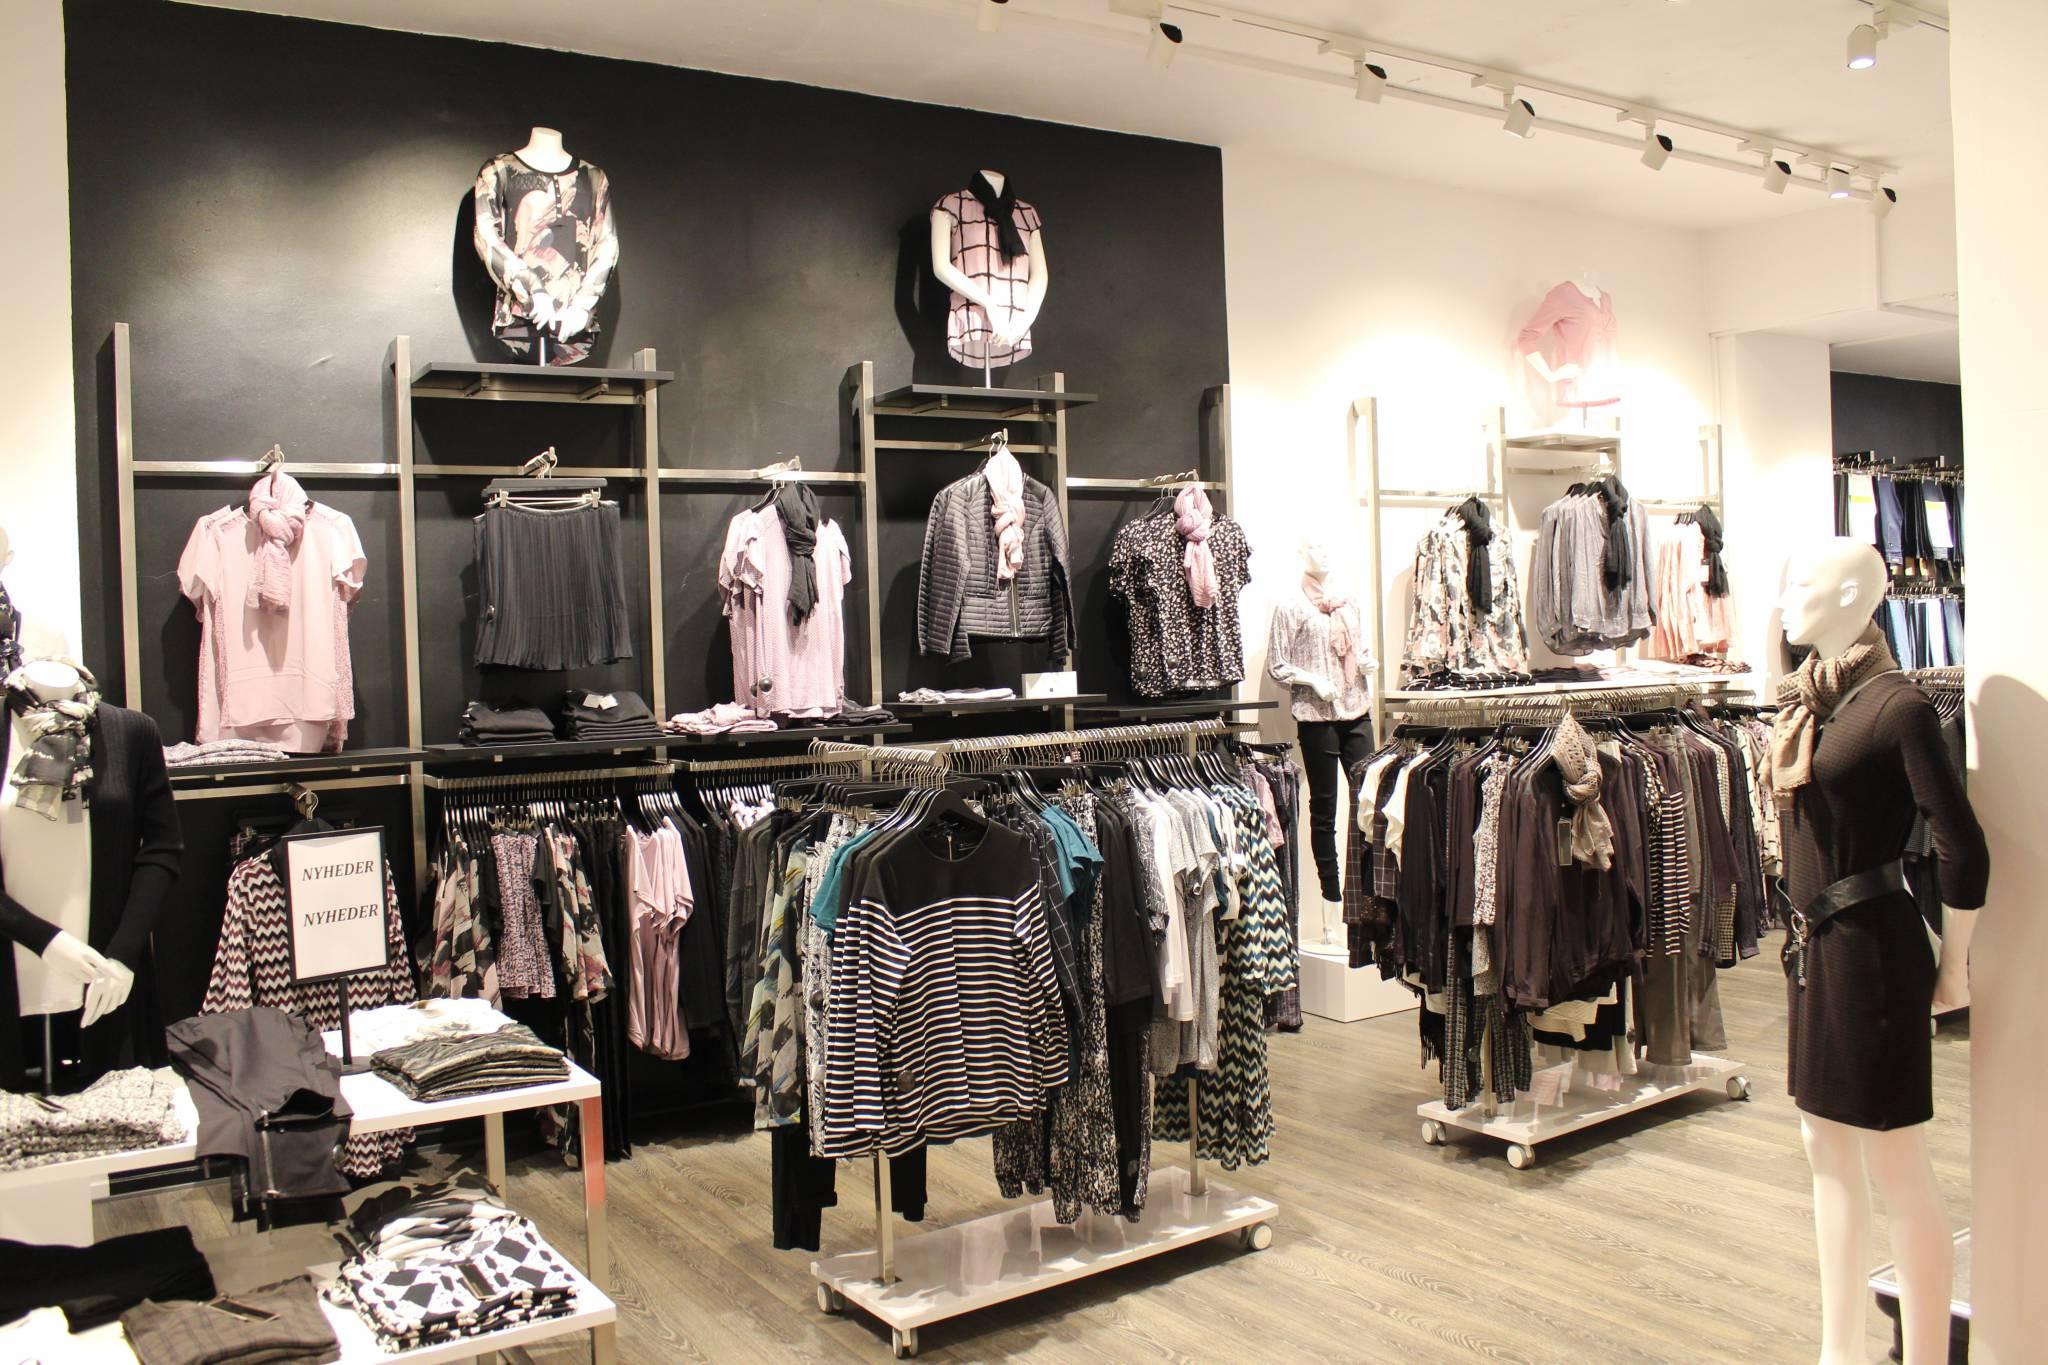 Butiksindretning - Horsens. Årets butik 2015 er indrettet med butiksinventar systemet